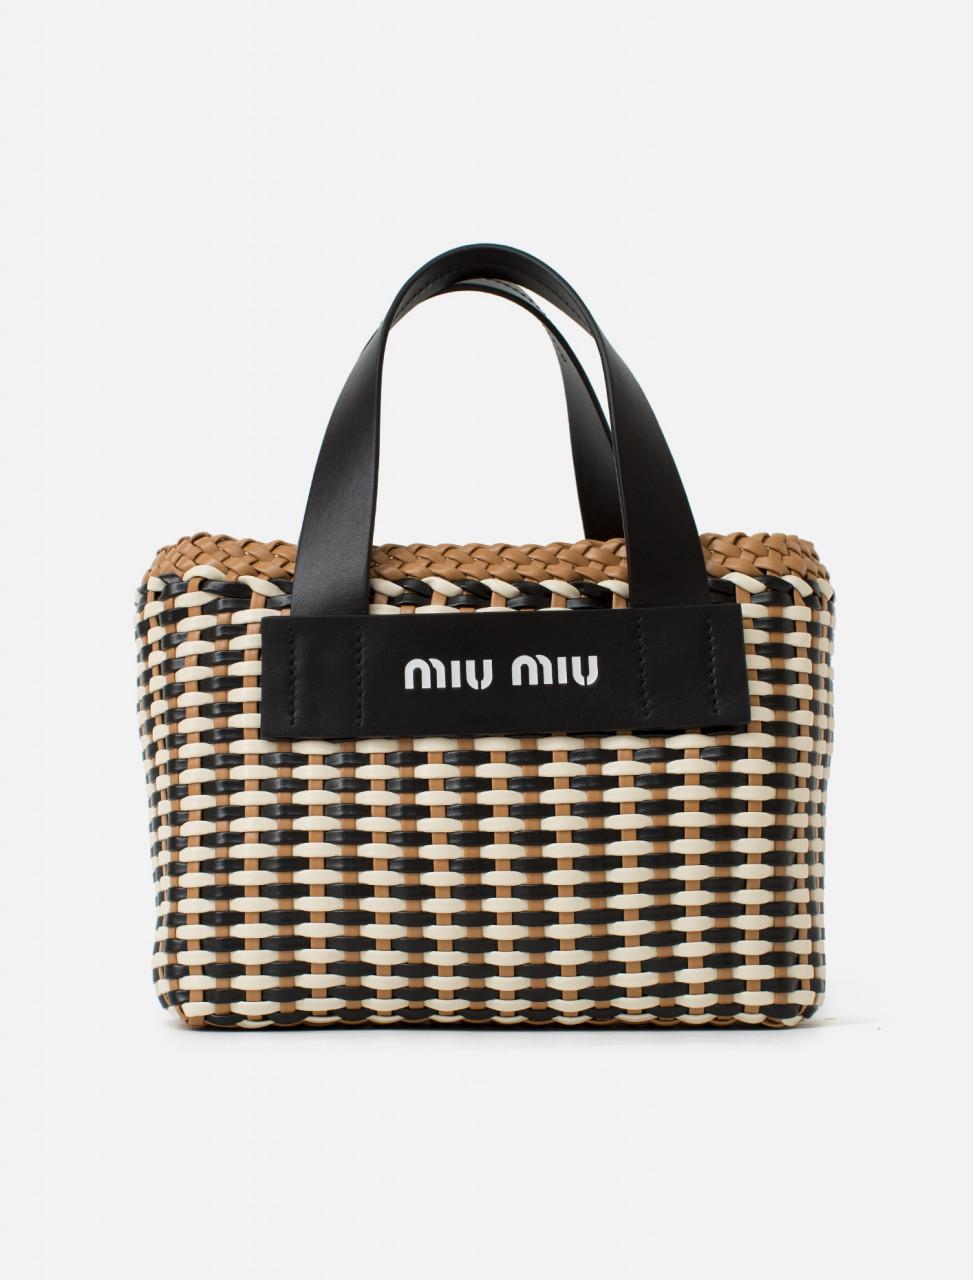 Miu Miu Woven Basket Bag